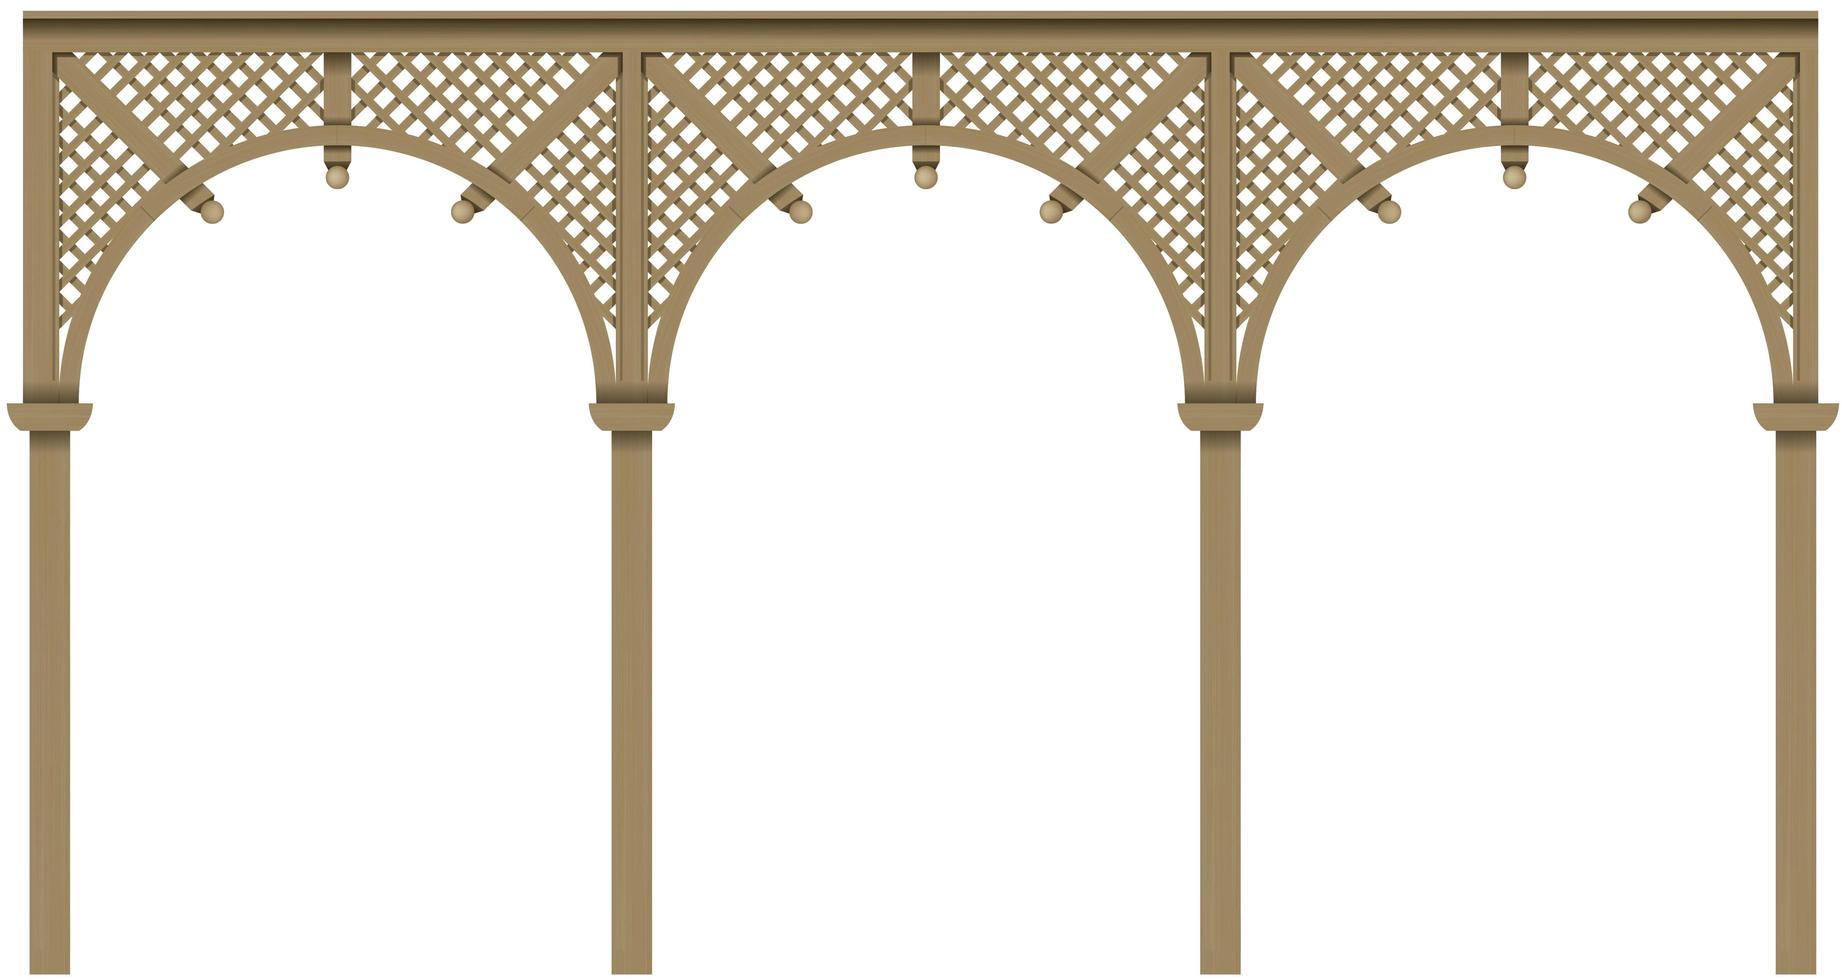 arkad klassisk träveranda med bågar vektor